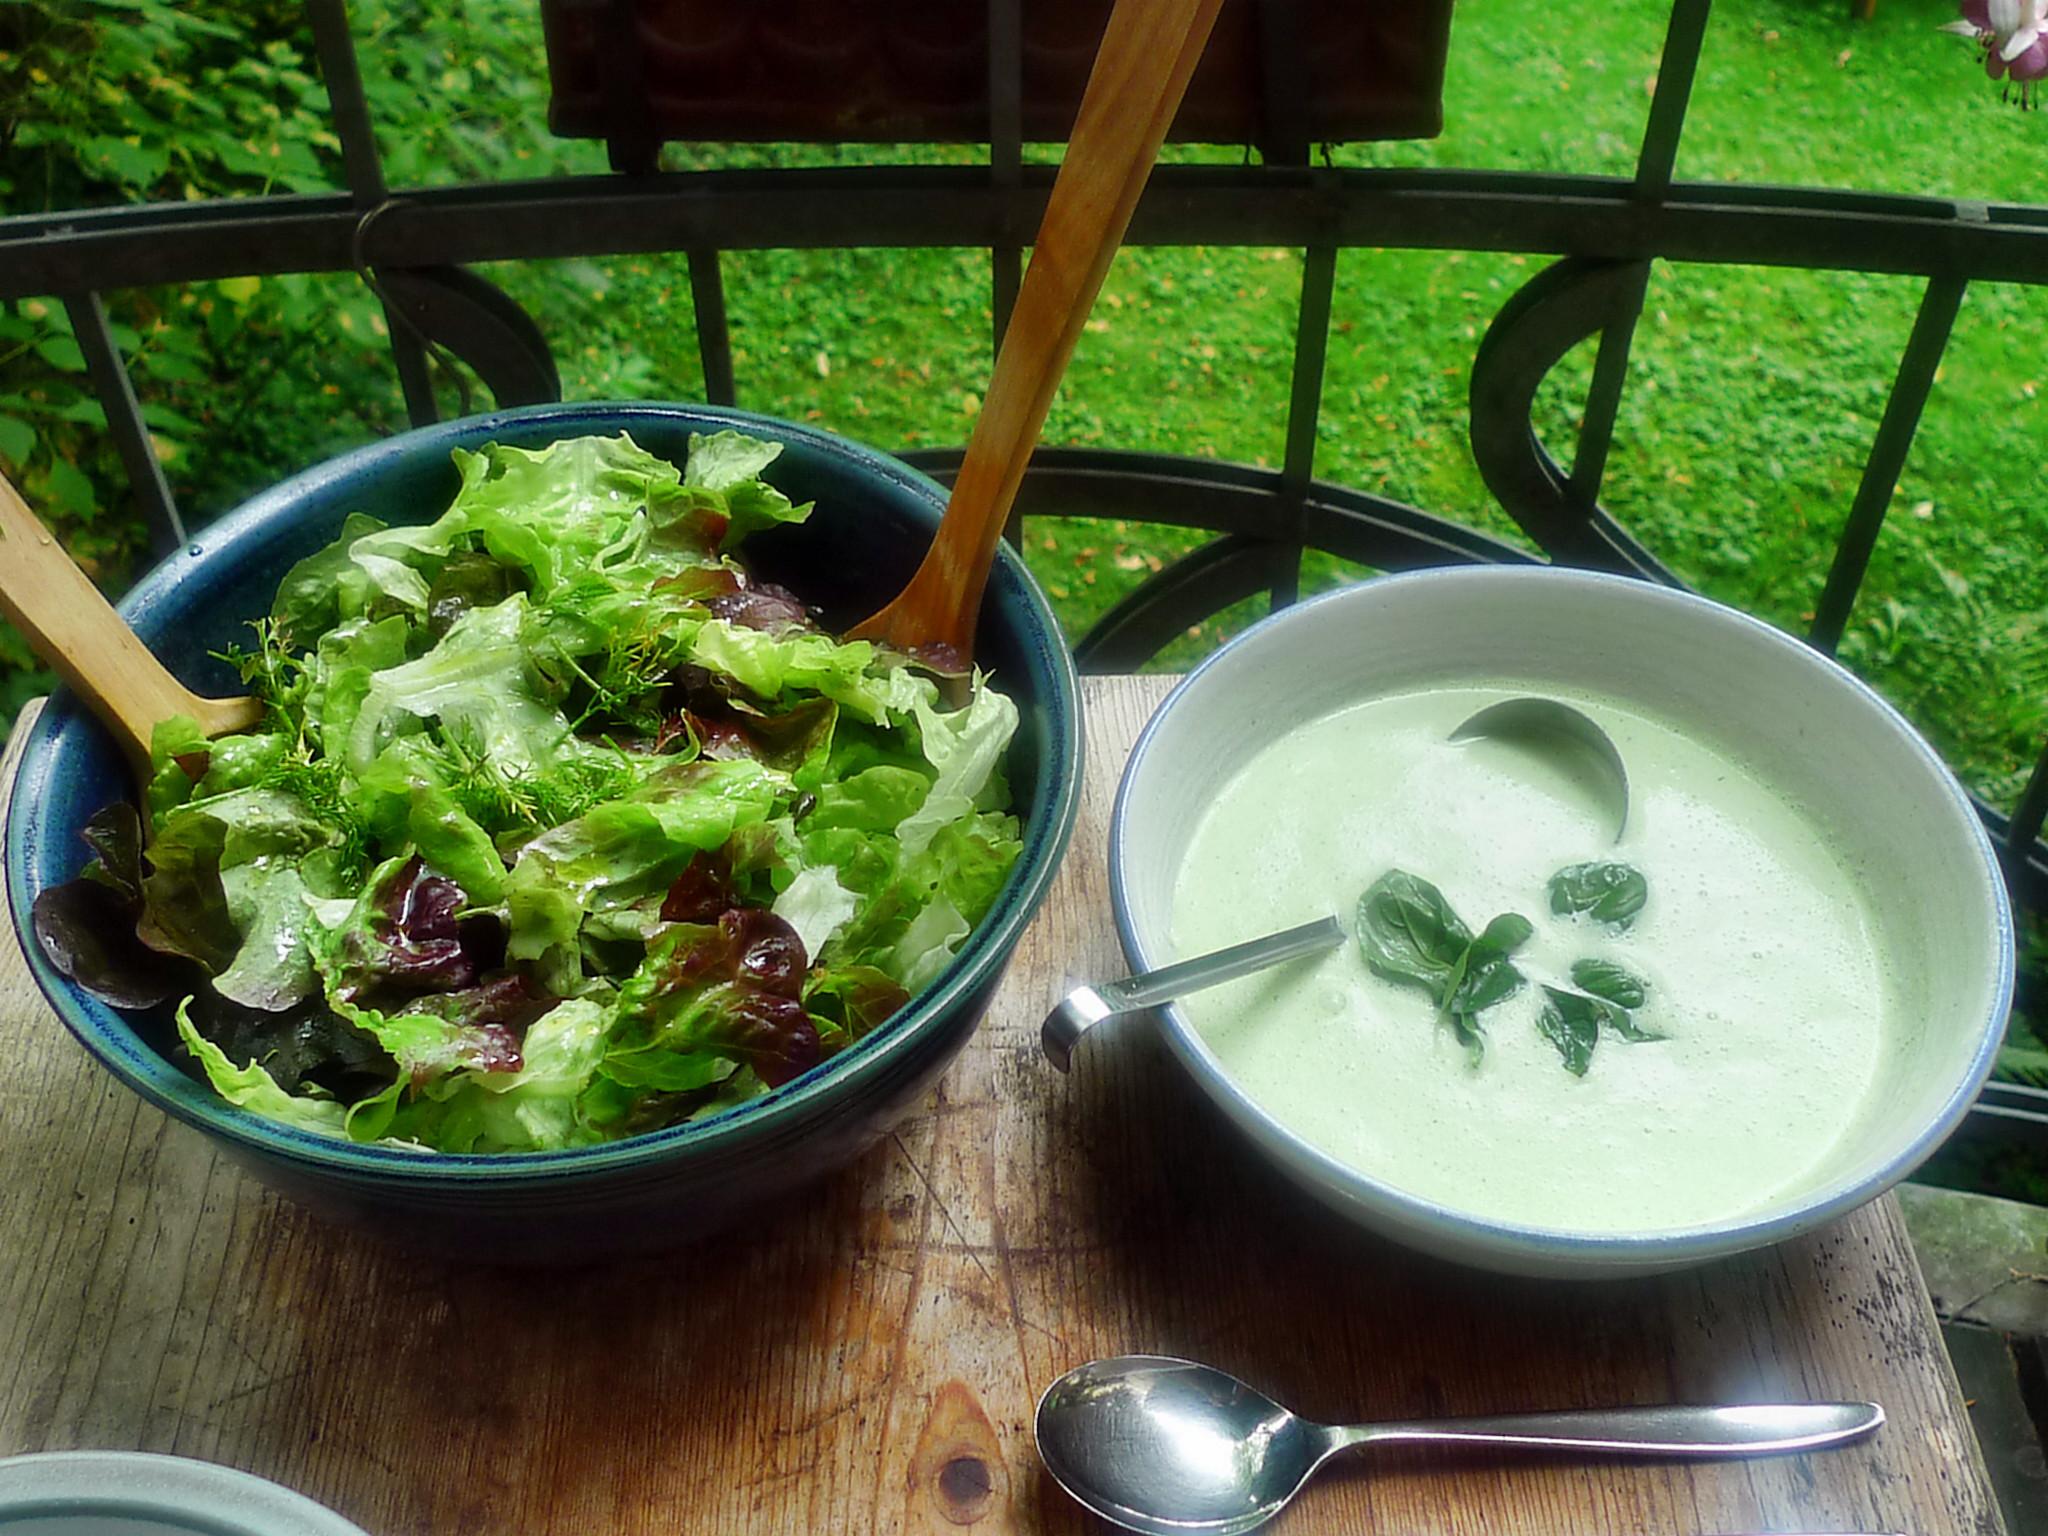 Gemüsepfanne-Dip-Bratkartoffel-21.7.14   (6b)